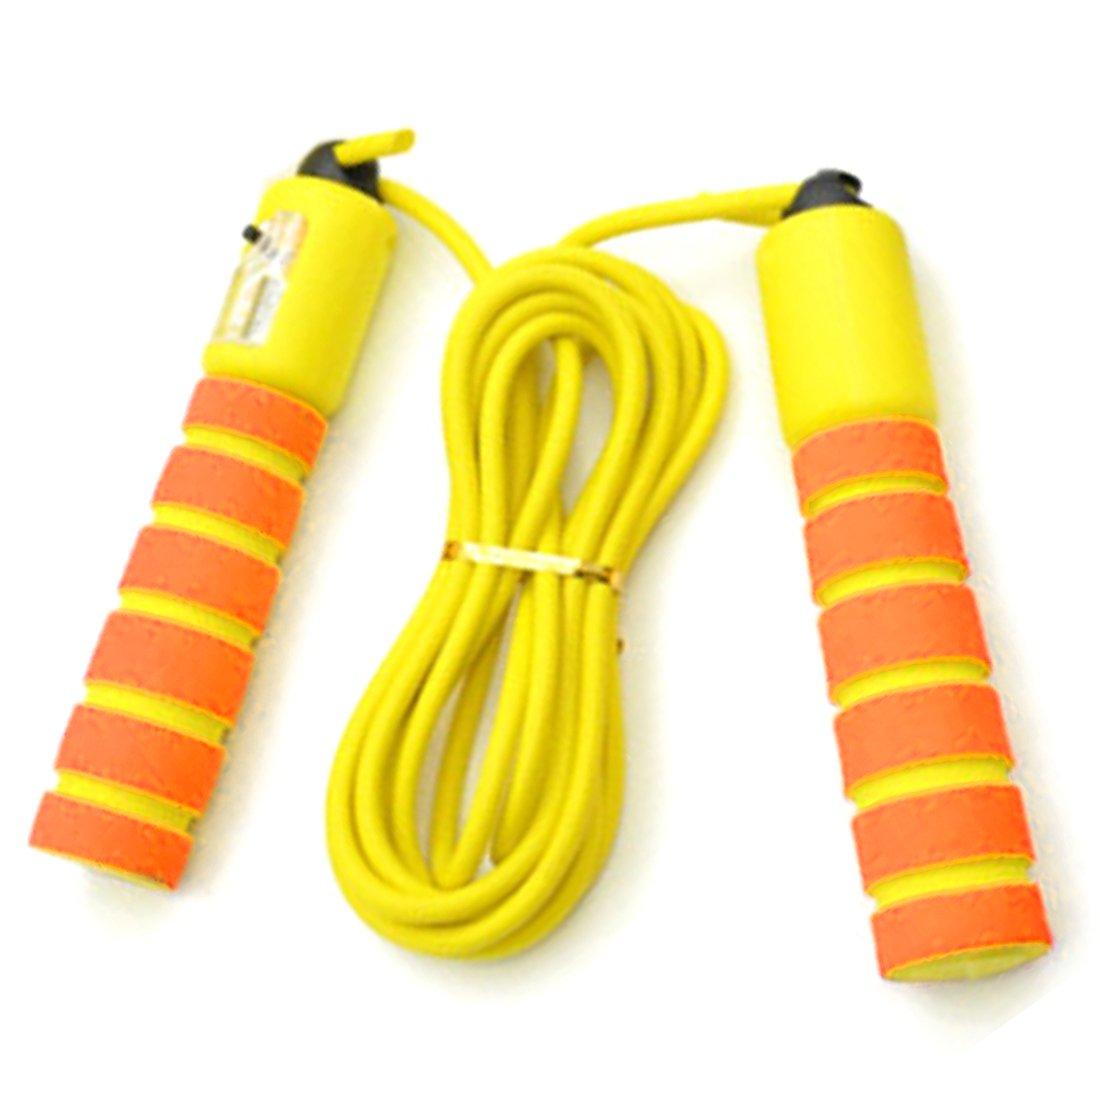 新作商品 pinchuanghui調節可能なジャンプロープCountingジャンプロープ – Orange Cardio Jumping Rope Forメンズ、レディース +、すべての子と高さおよびスキルレベル。 Orange B07CNZPBNV Colorful,Yellow + Orange Colorful,Yellow + Orange, 煎餅屋仙七 ザクザク新食感ぬれ煎:5e7db79c --- beyonddefeat.com